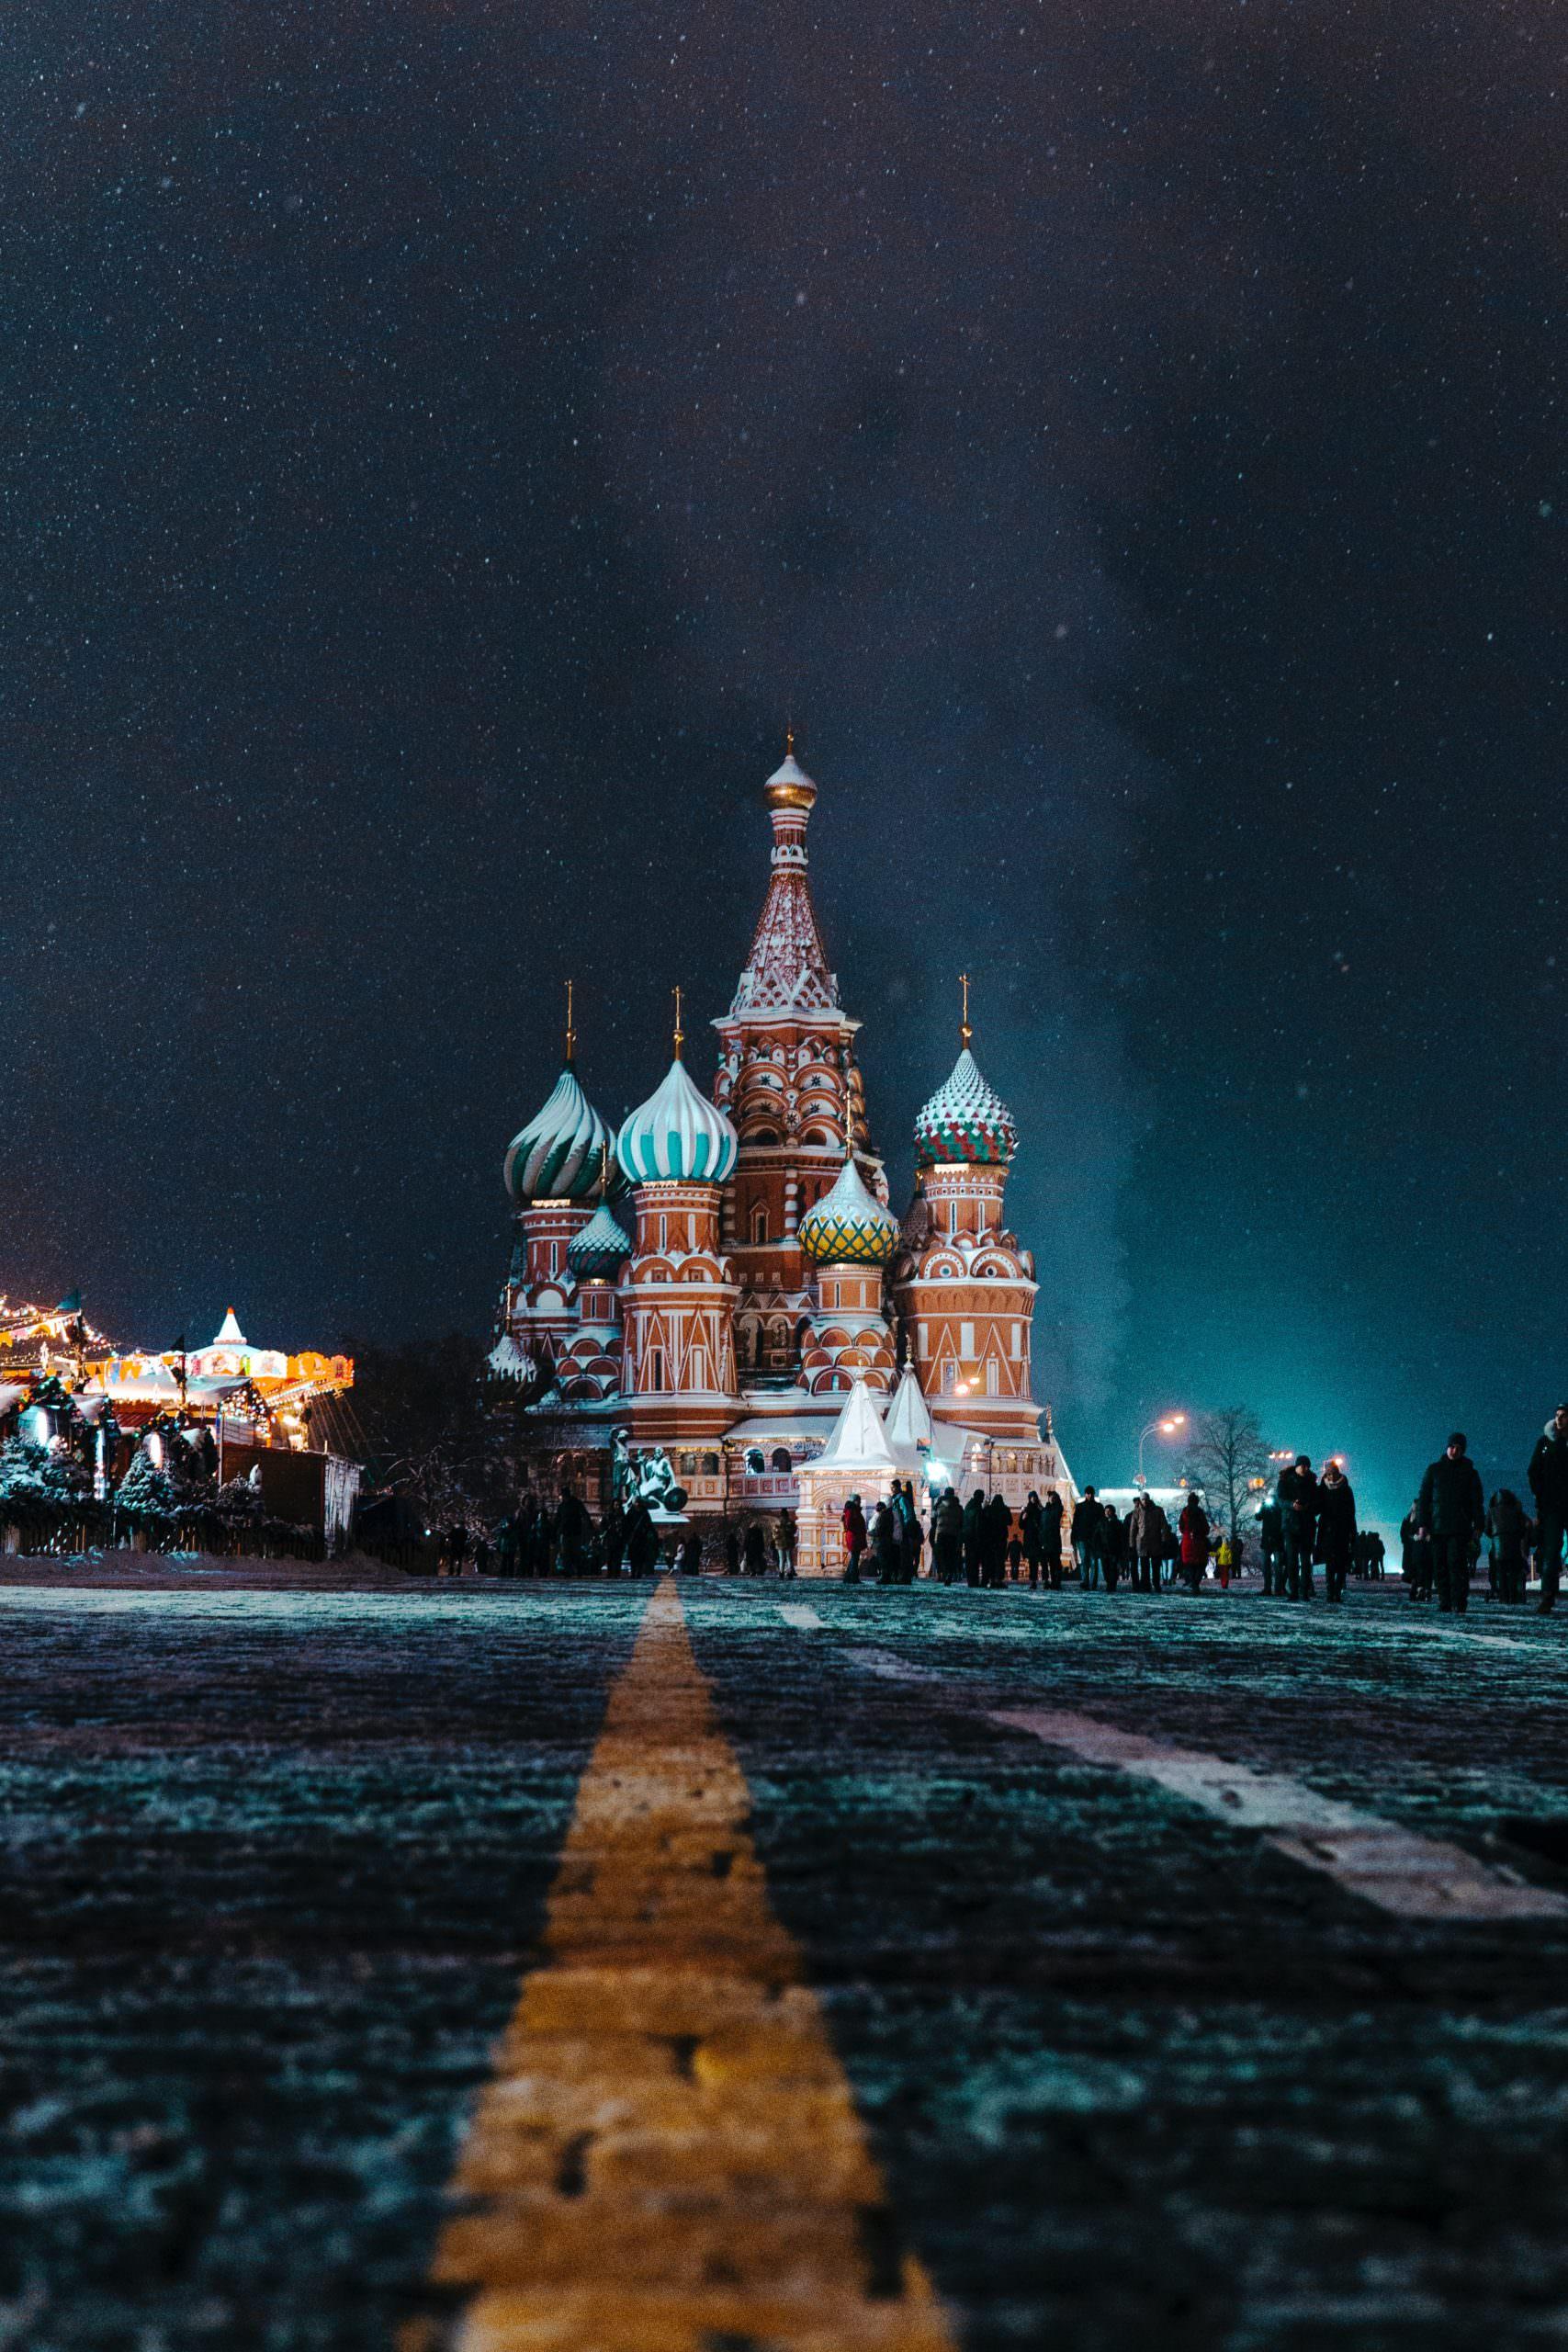 أفضل المدن المناسبة للزيارة في روسيا